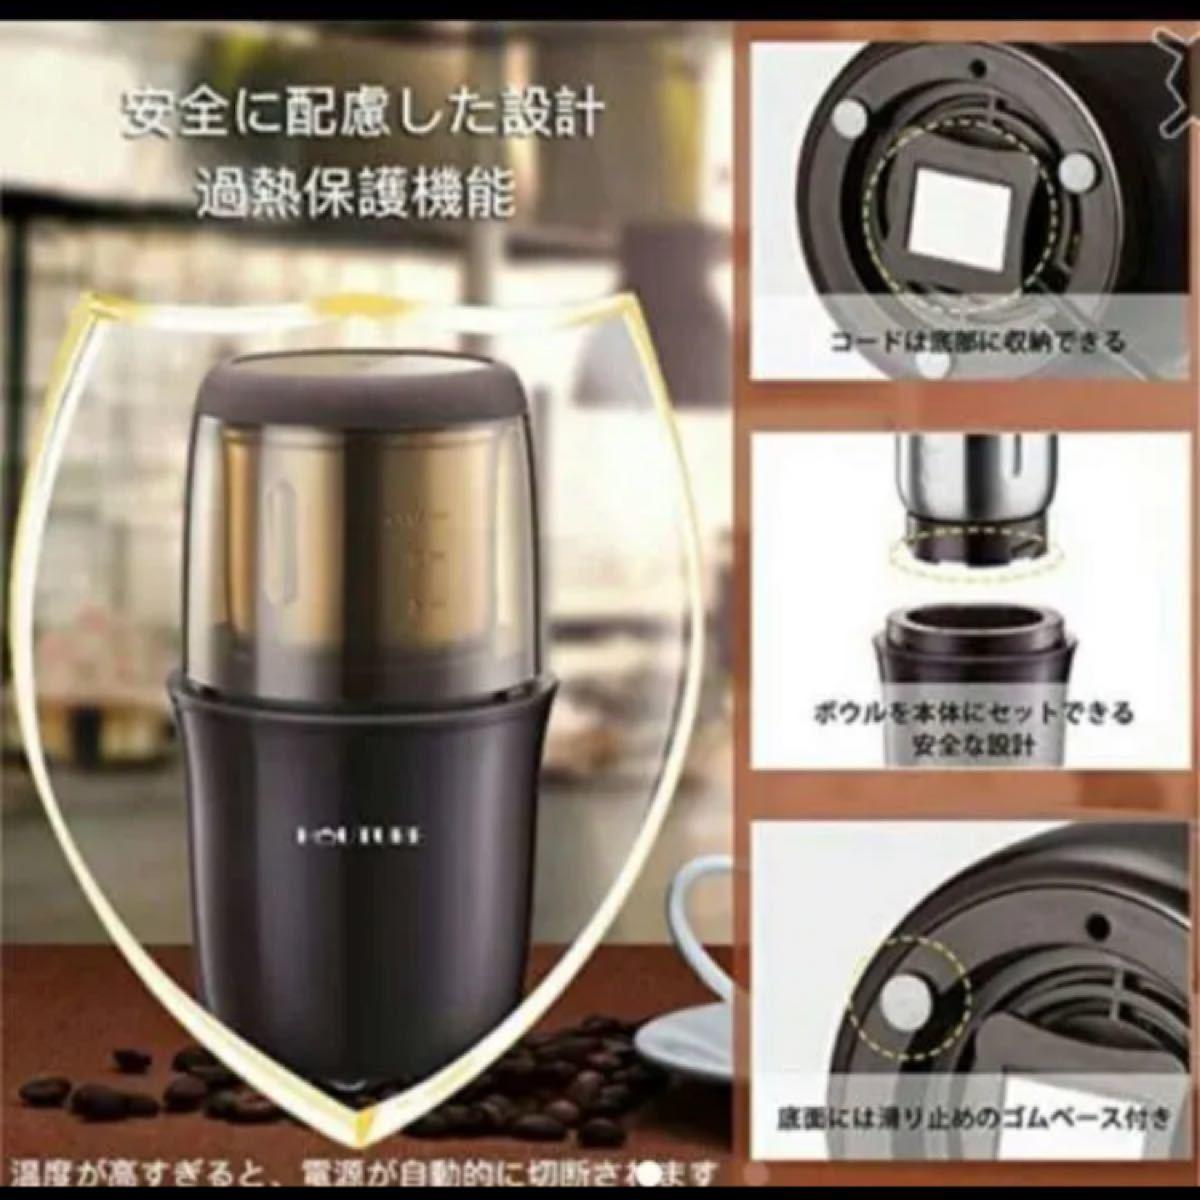 電動コーヒーミル コーヒーミル コーヒーメーカー 豆挽き 父の日 ギフト